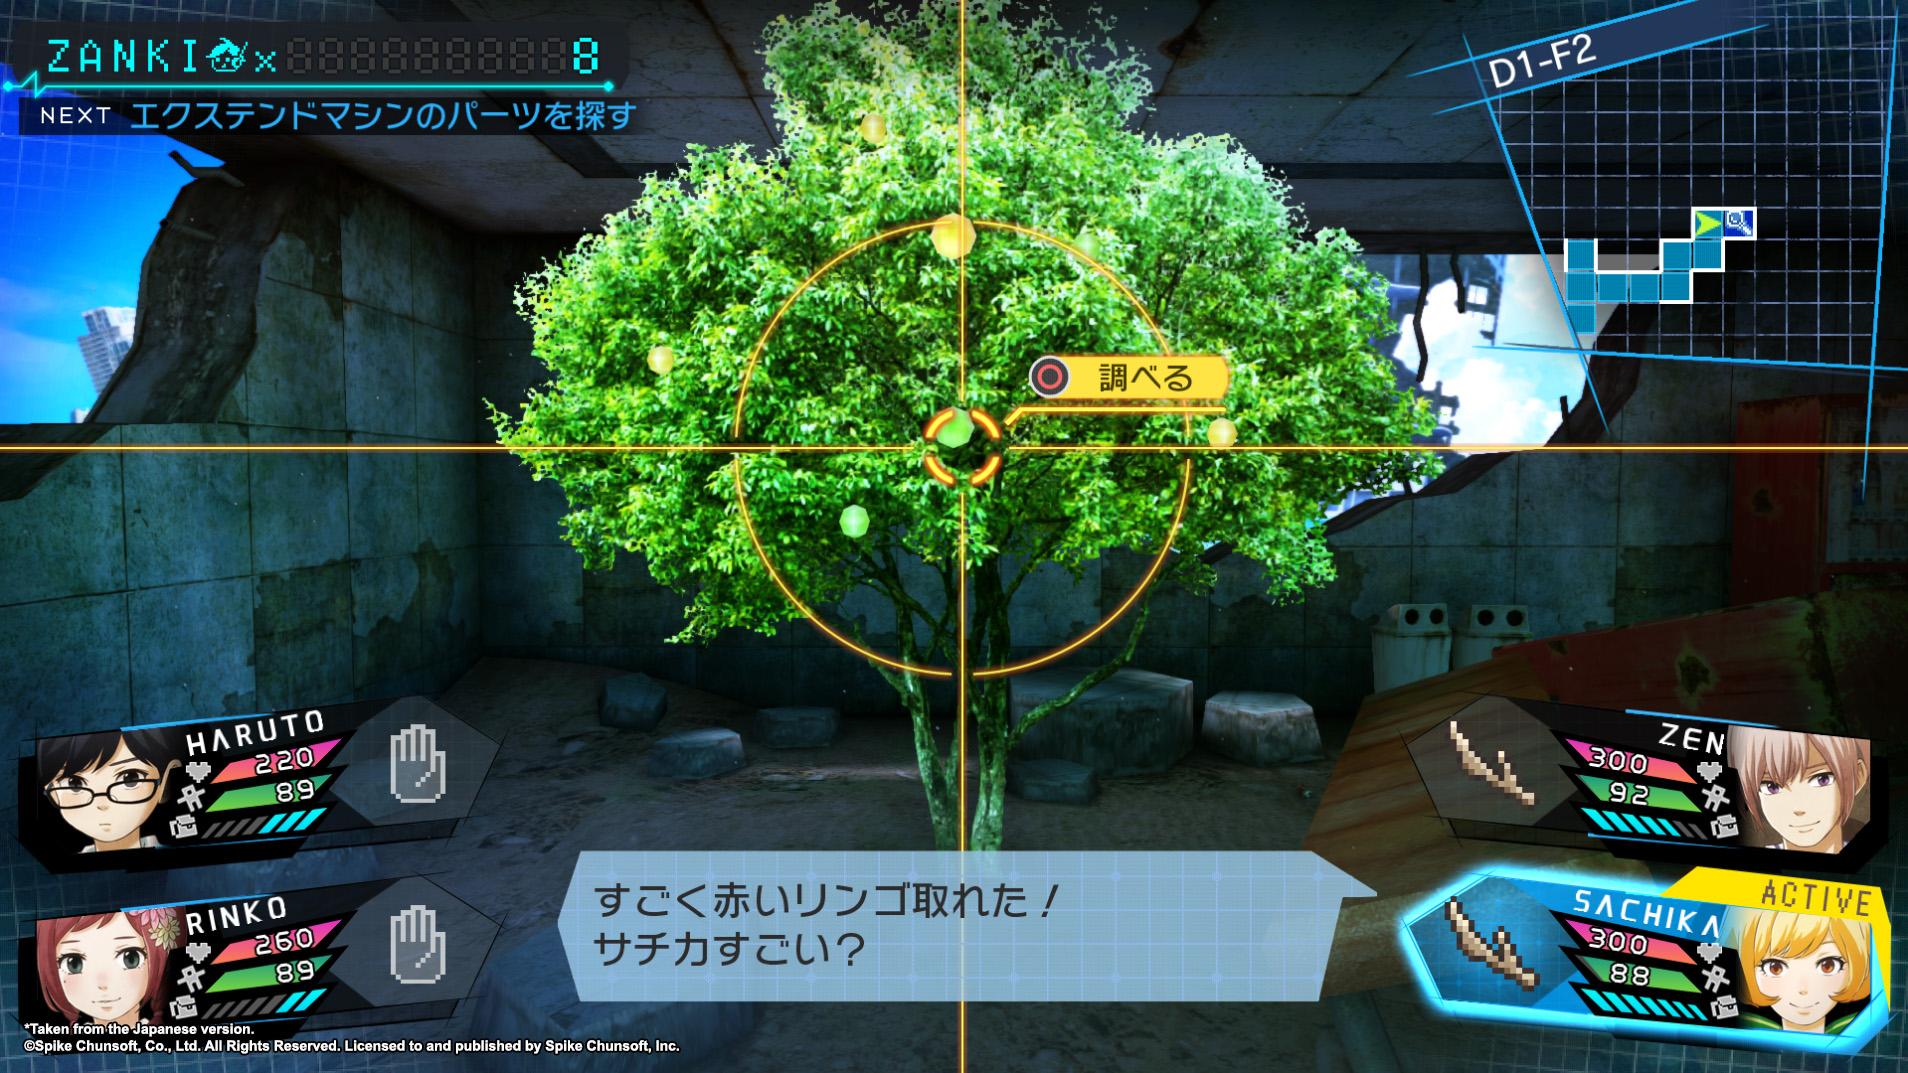 残机0:最后的开始/余命为零/Zanki Zero: Last Beginning